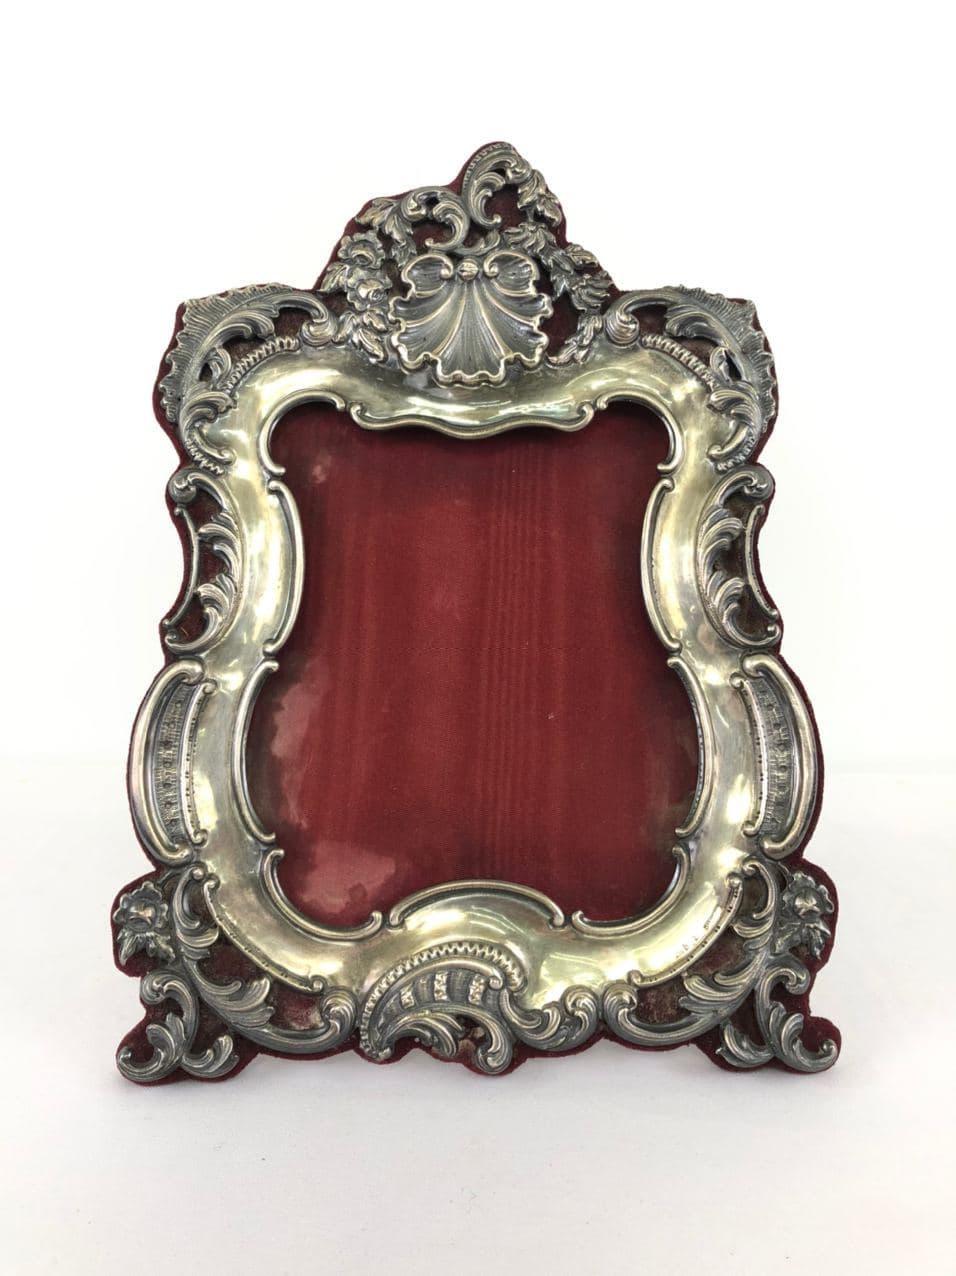 Антикварная серебряная рамка для фото в стиле Рококо